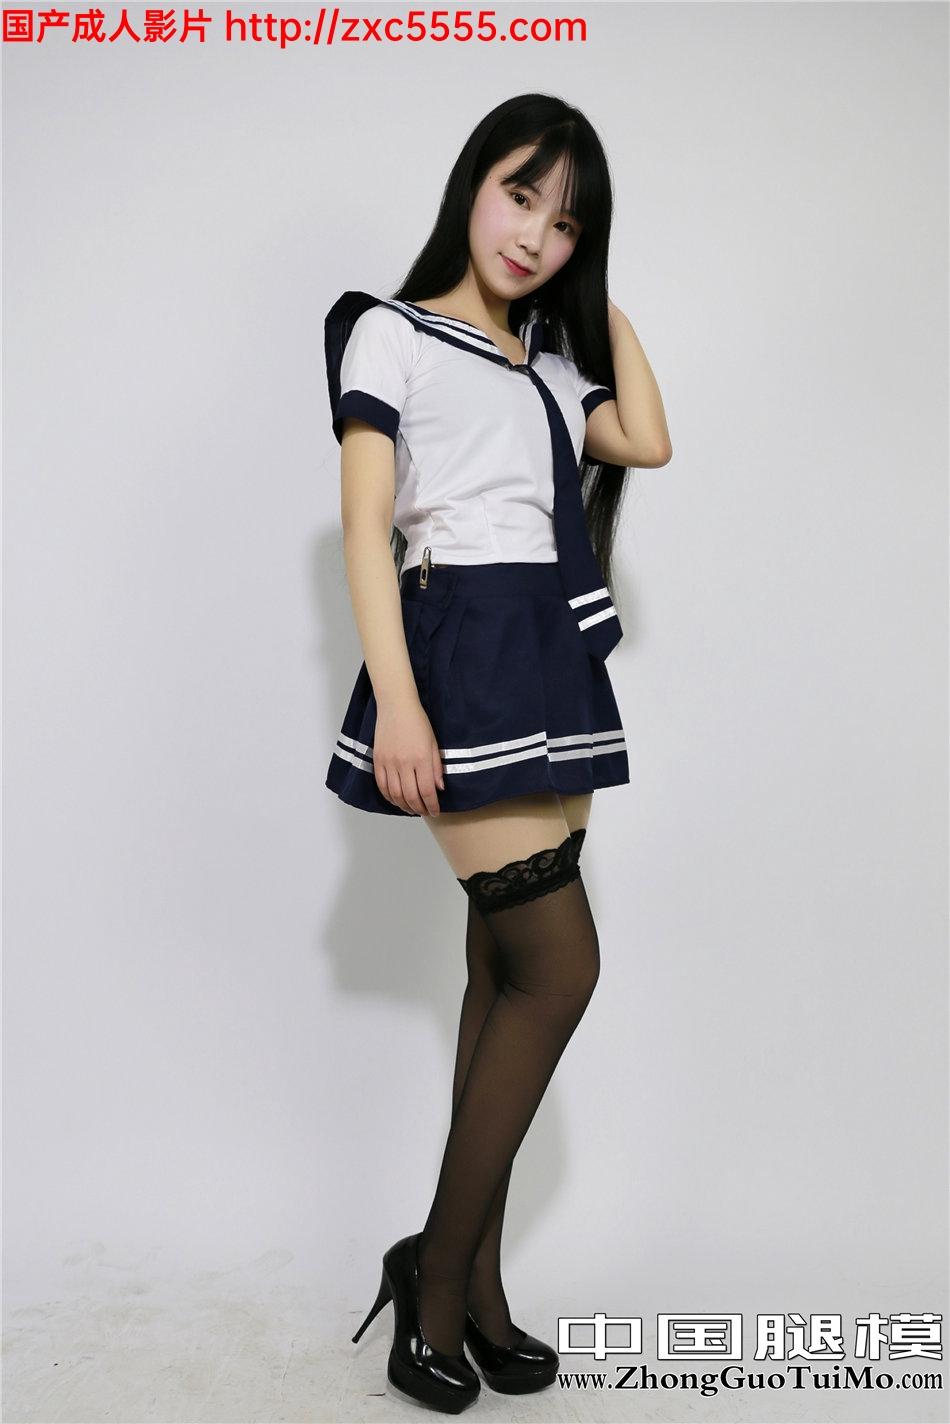 黑腿丝短裙美女_中国腿模制服黑丝高跟小短裙写真【36P】_丝袜诱惑-